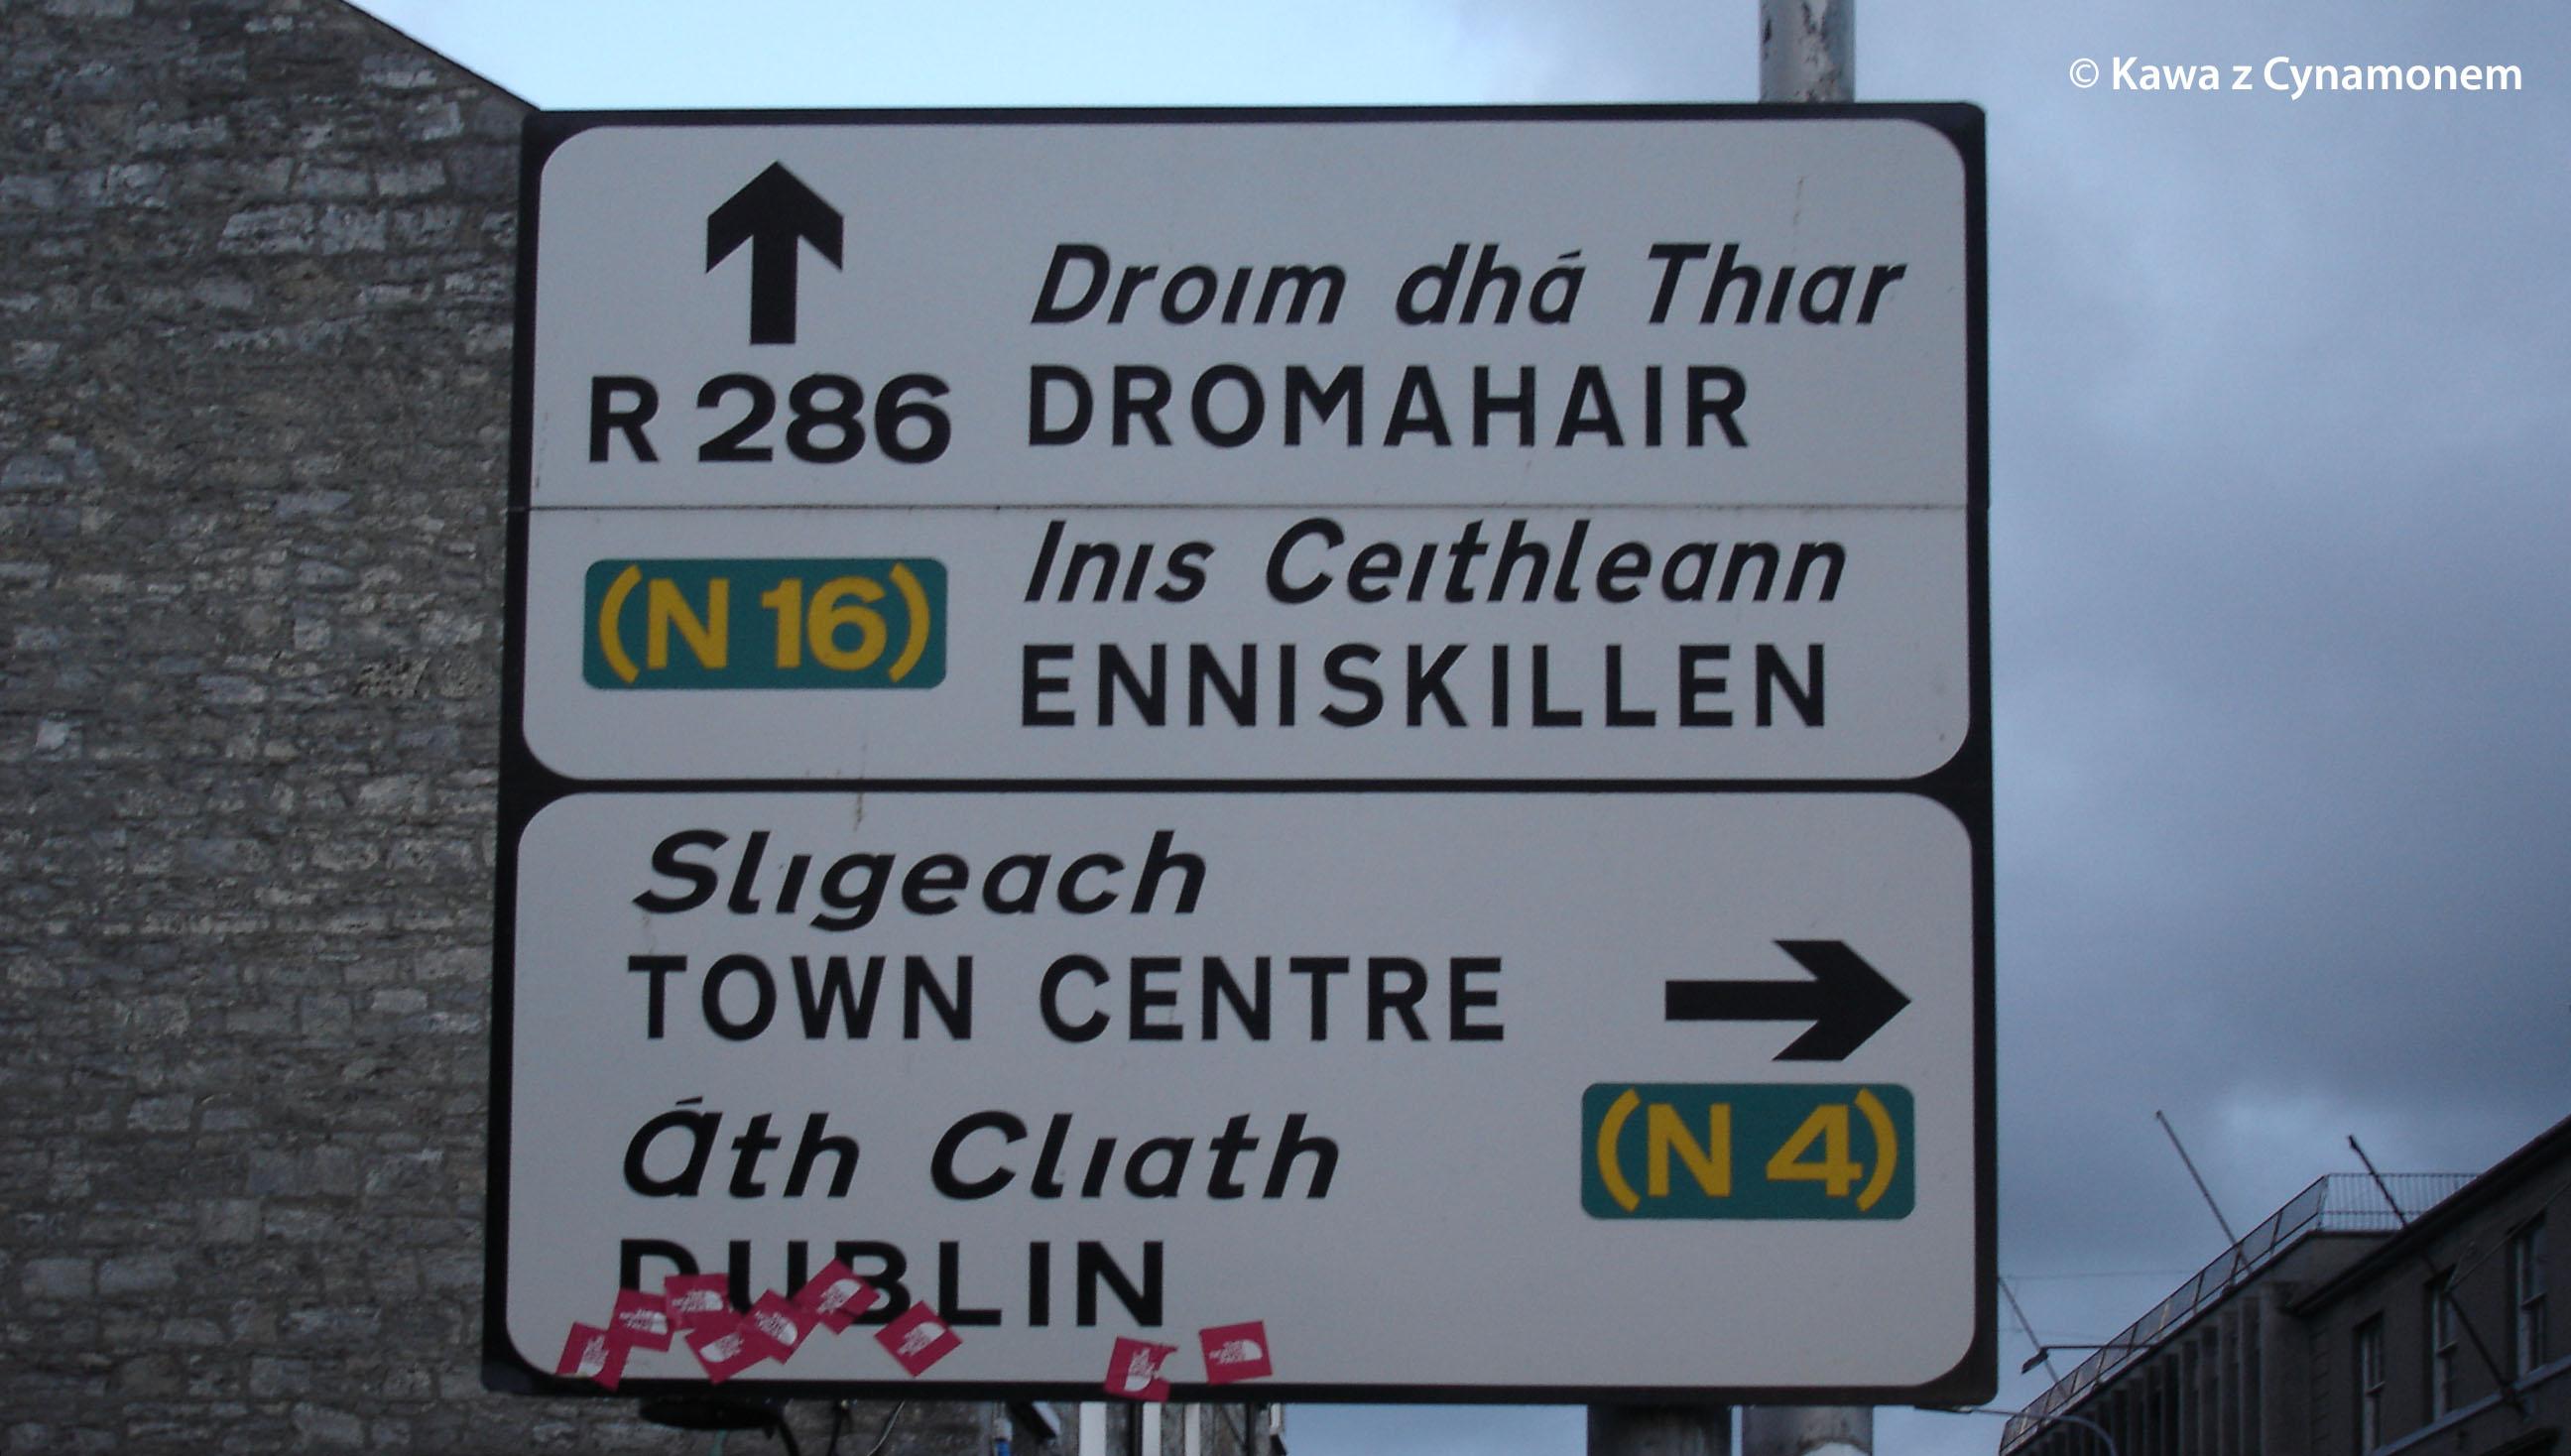 Irlandia2006